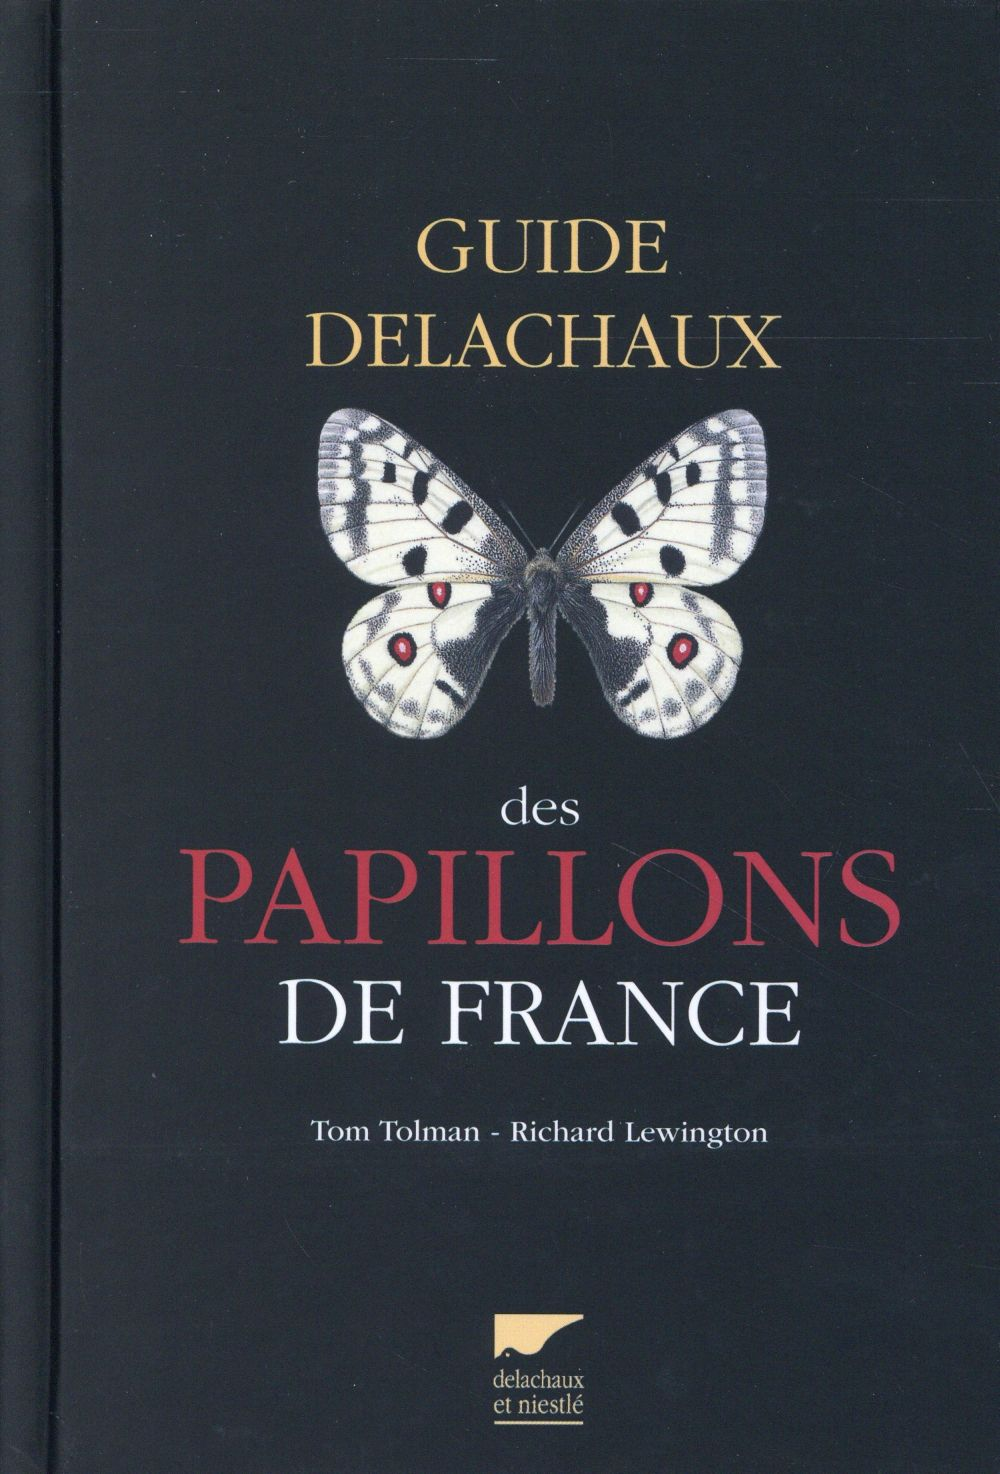 Guide des papillons de France